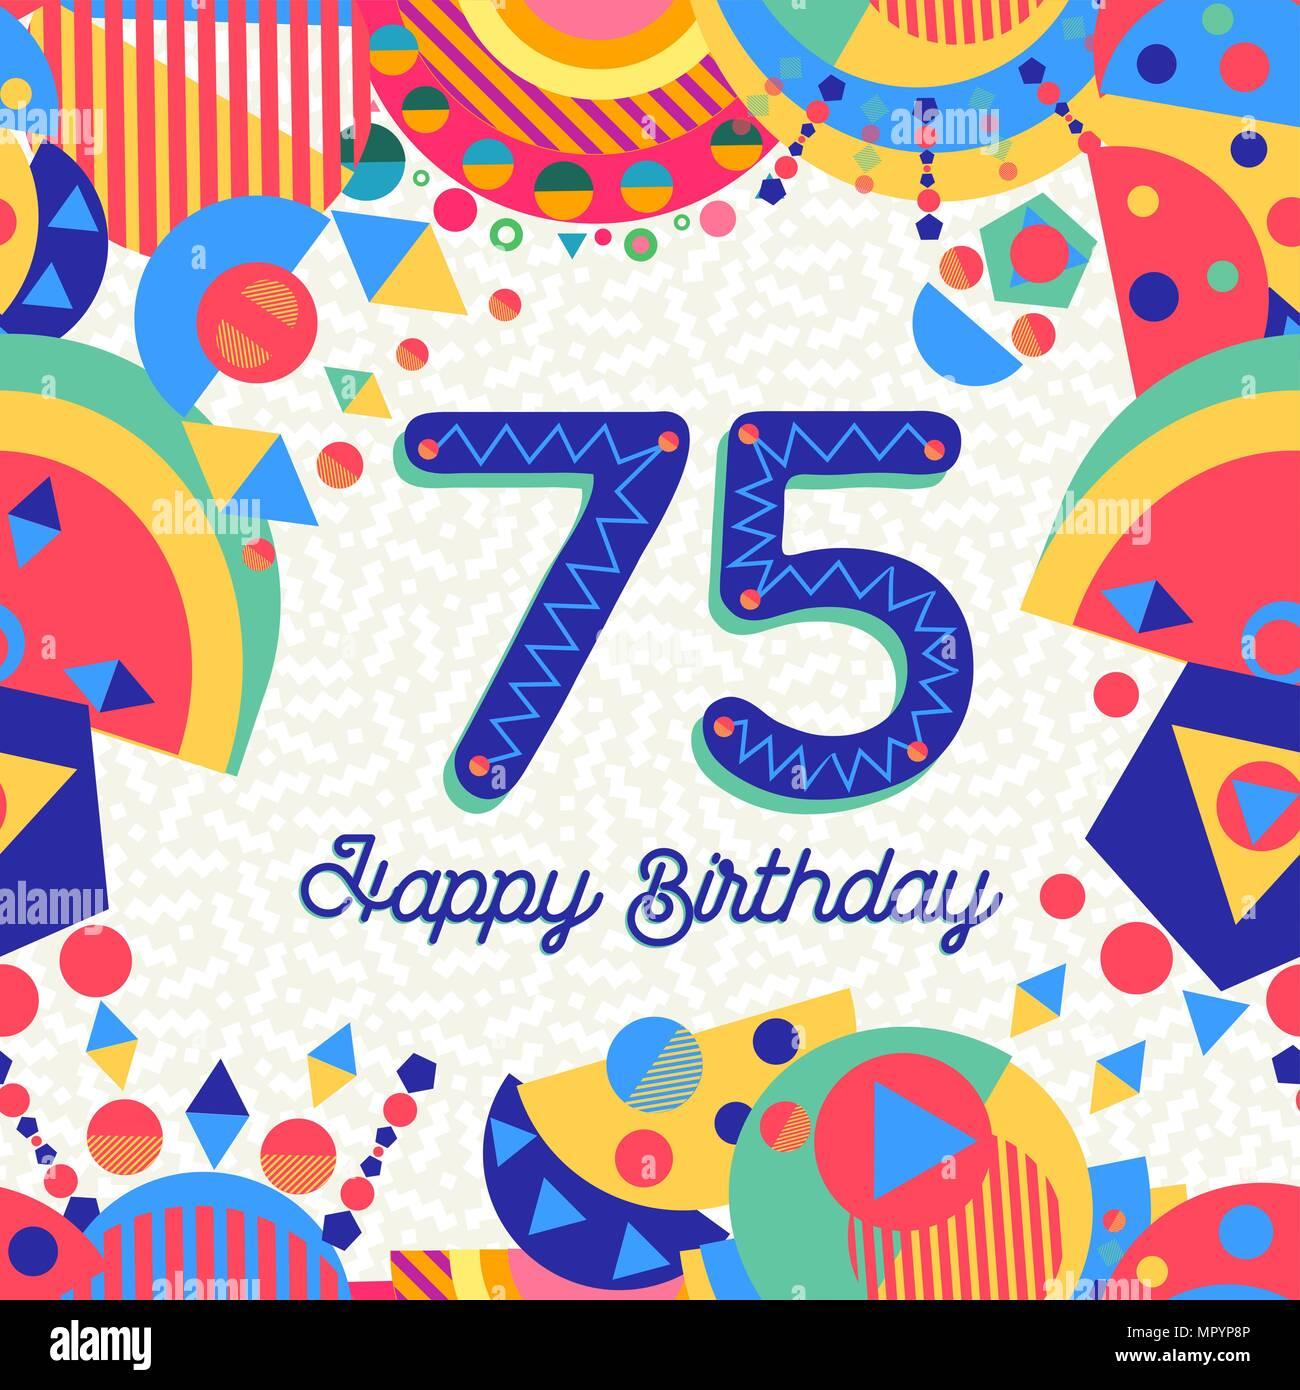 Auguri Di Buon 75 Compleanno.Buon Compleanno Settantacinque 75 Anno Design Divertente Con